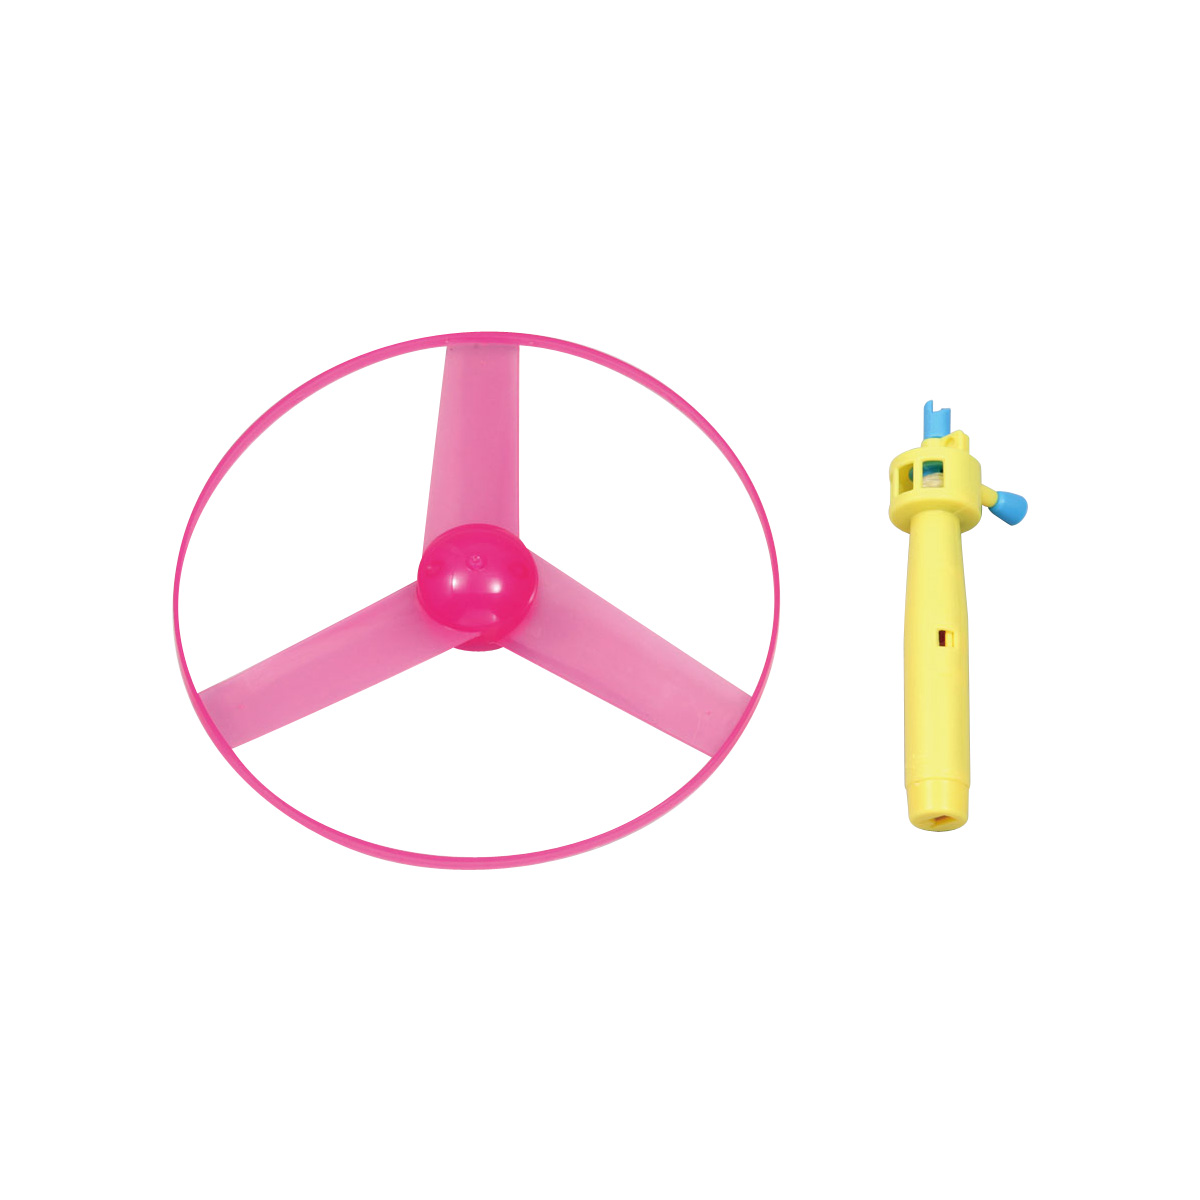 フライングソーサー ランダムカラー 玩具 おもちゃ プロペラ タケコプター トンボプロペラ